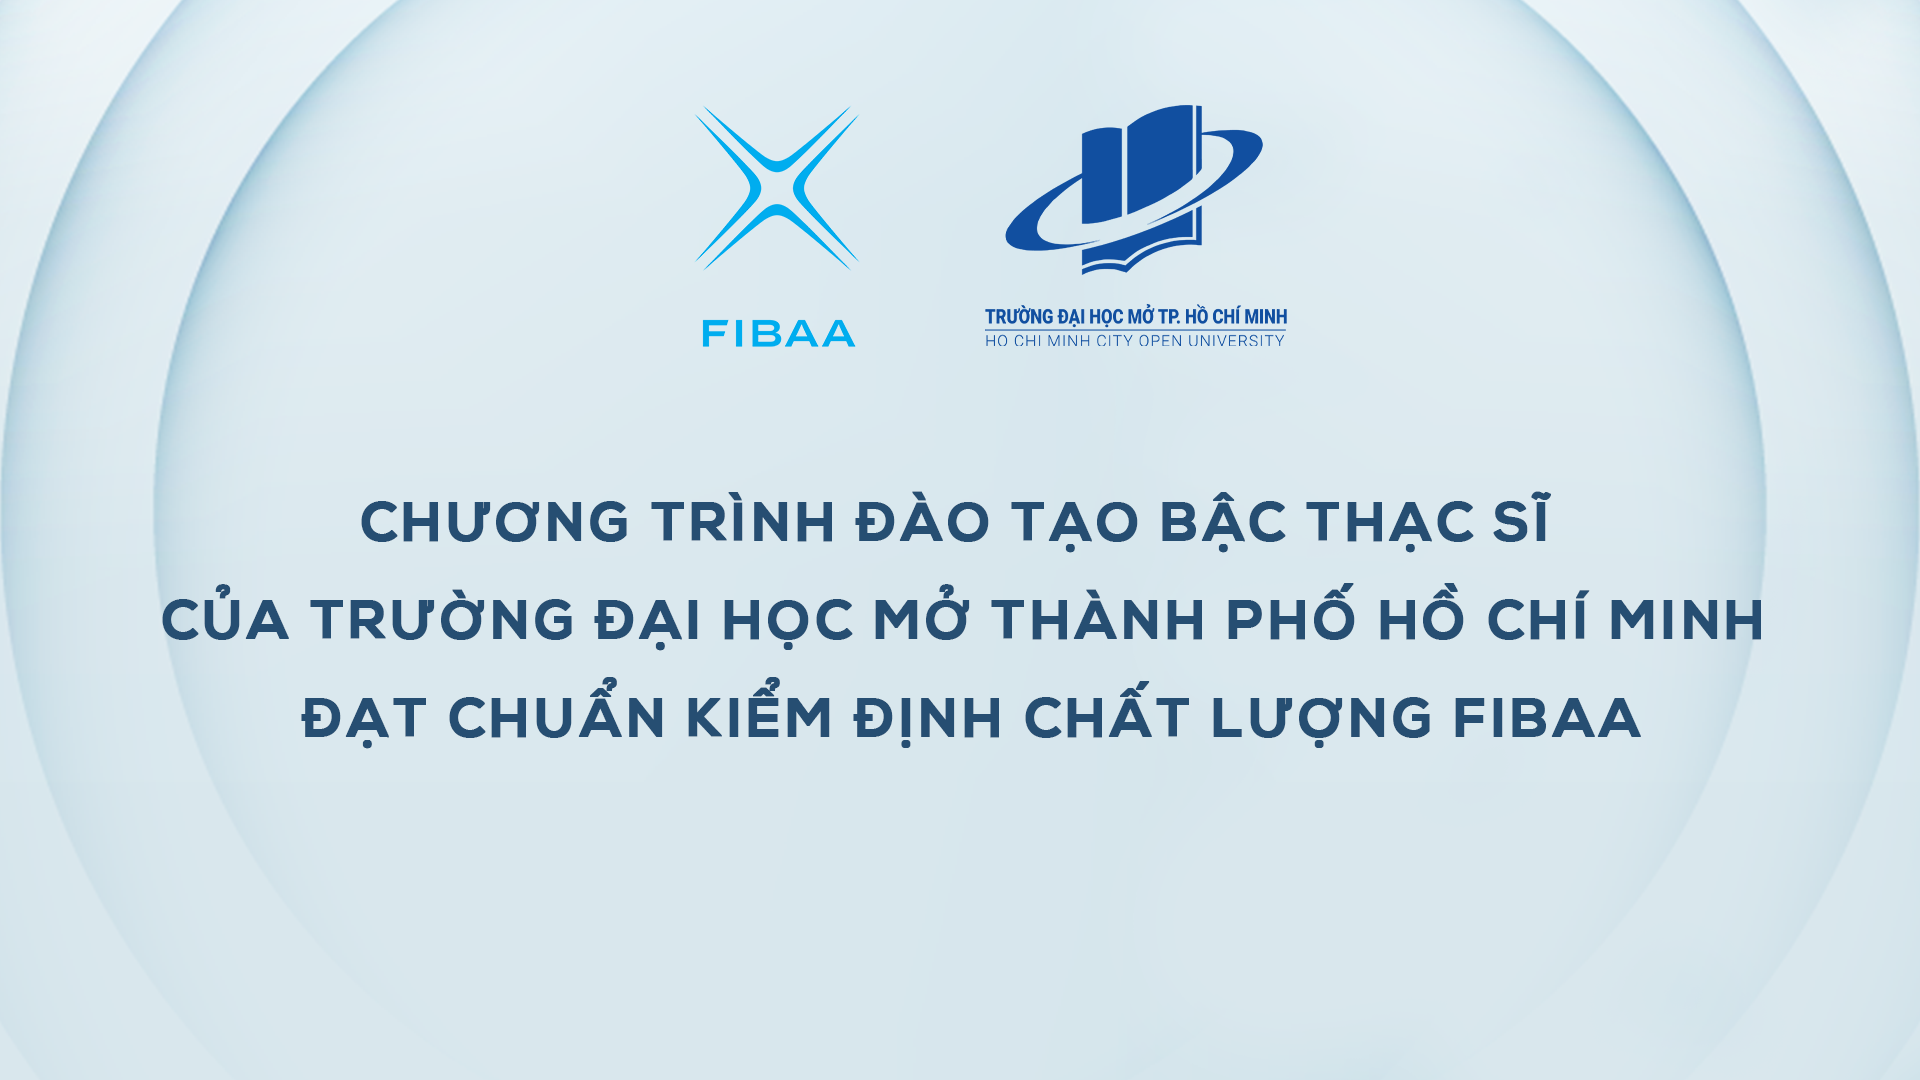 04 Chương trình đào tạo bậc thạc sĩ của Trường Đại học Mở Tp. Hồ Chí Minh được tổ chức FIBAA trao chứng nhận kiểm định chất lượng.